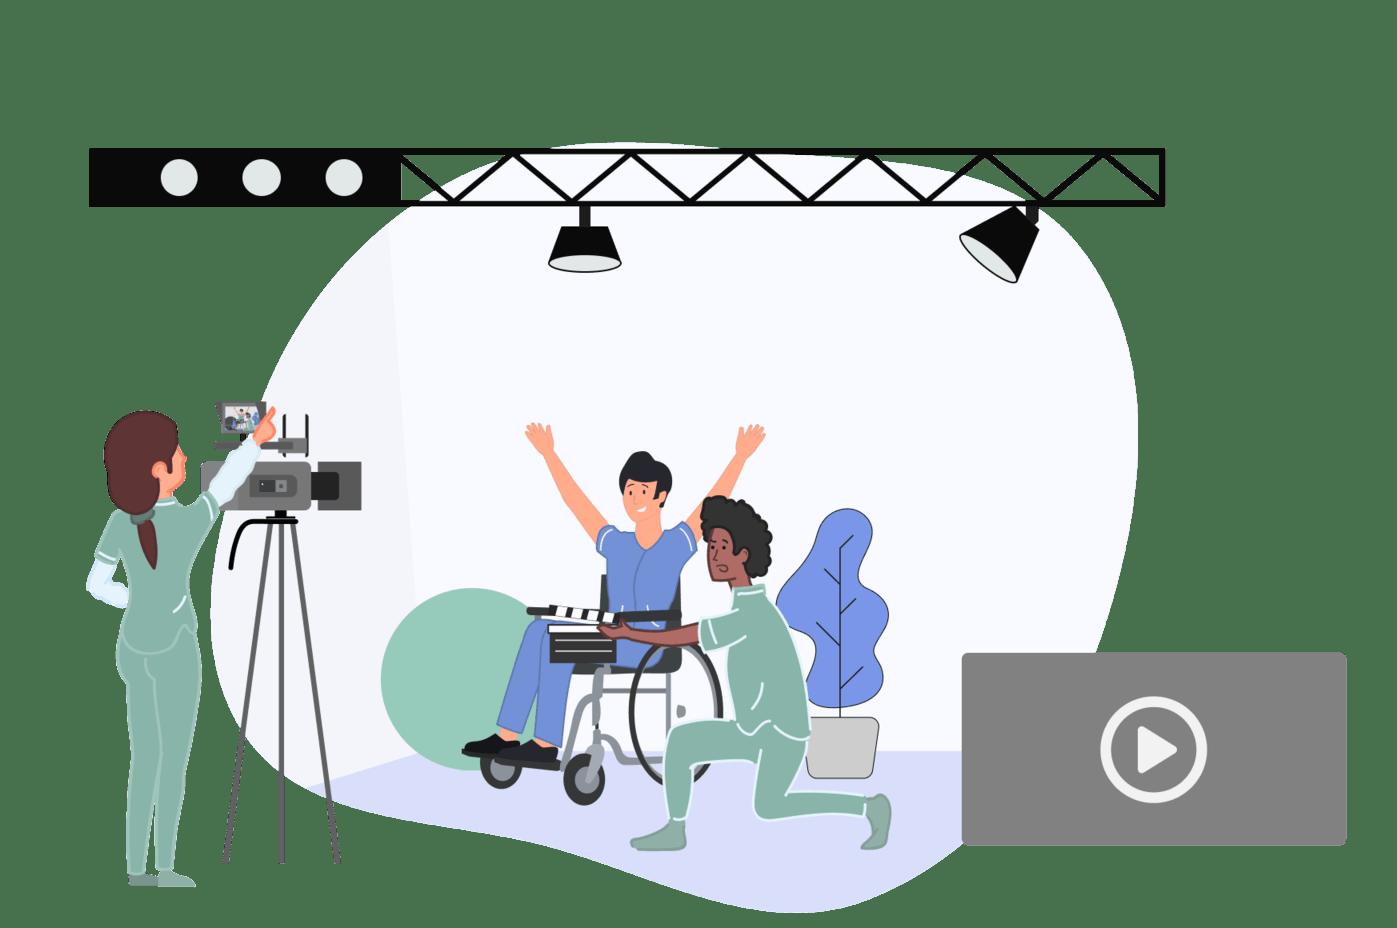 Te creamos una biblioteca de videos de ejercicios personalizados